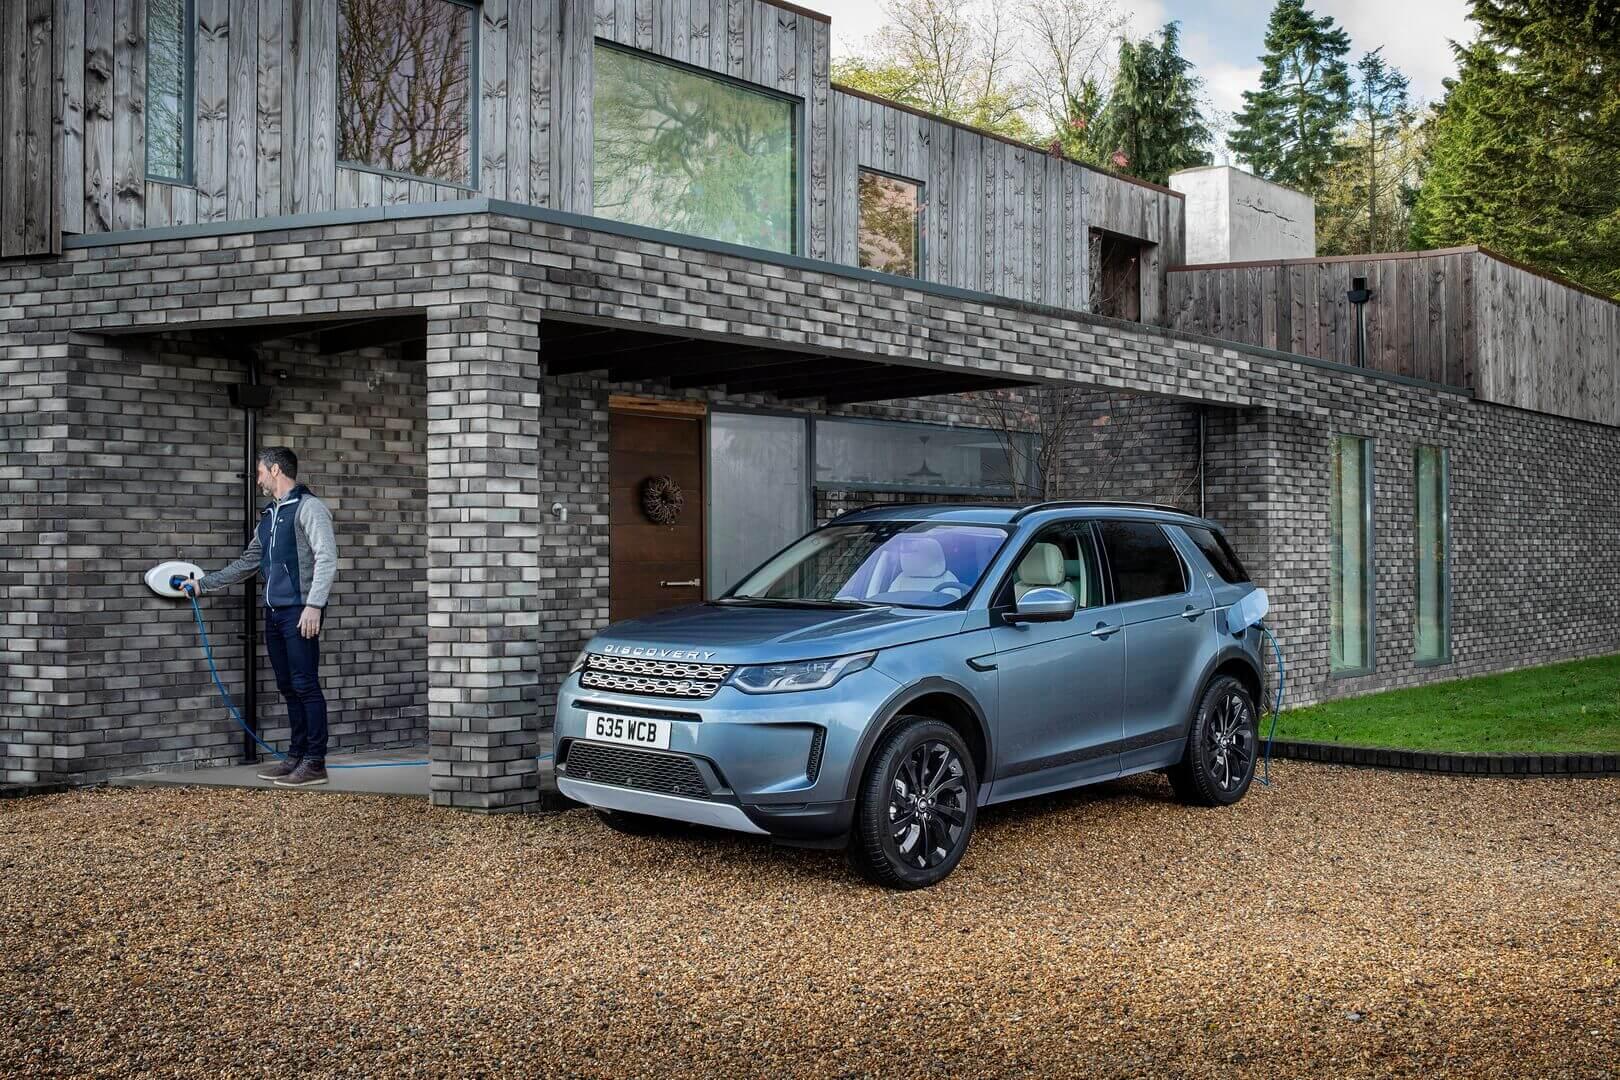 Представлен новый Land Rover Discovery Sport с плагин-гибридной технологией